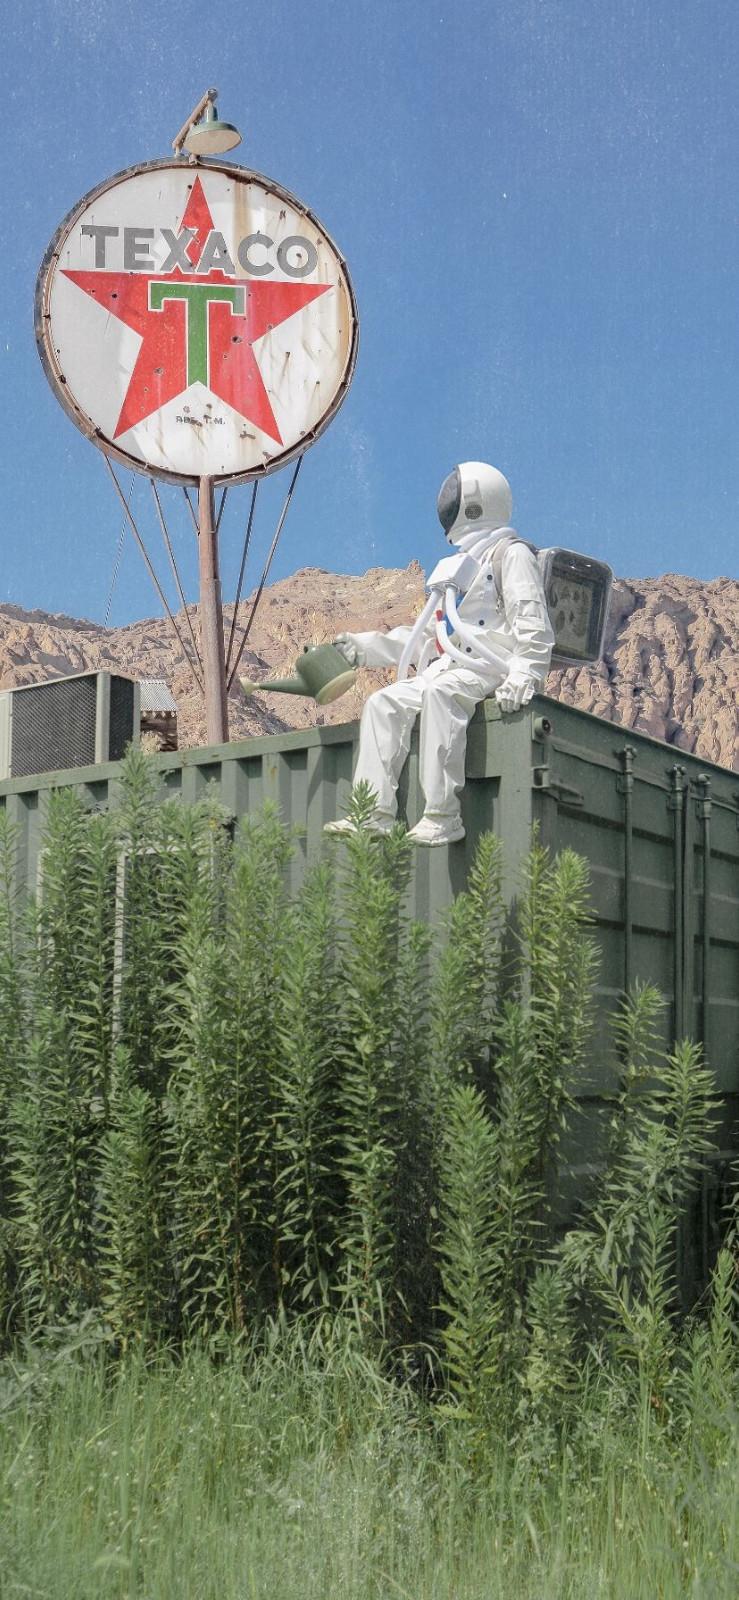 好看的壁纸图片 心怀浪漫宇宙的宇航员